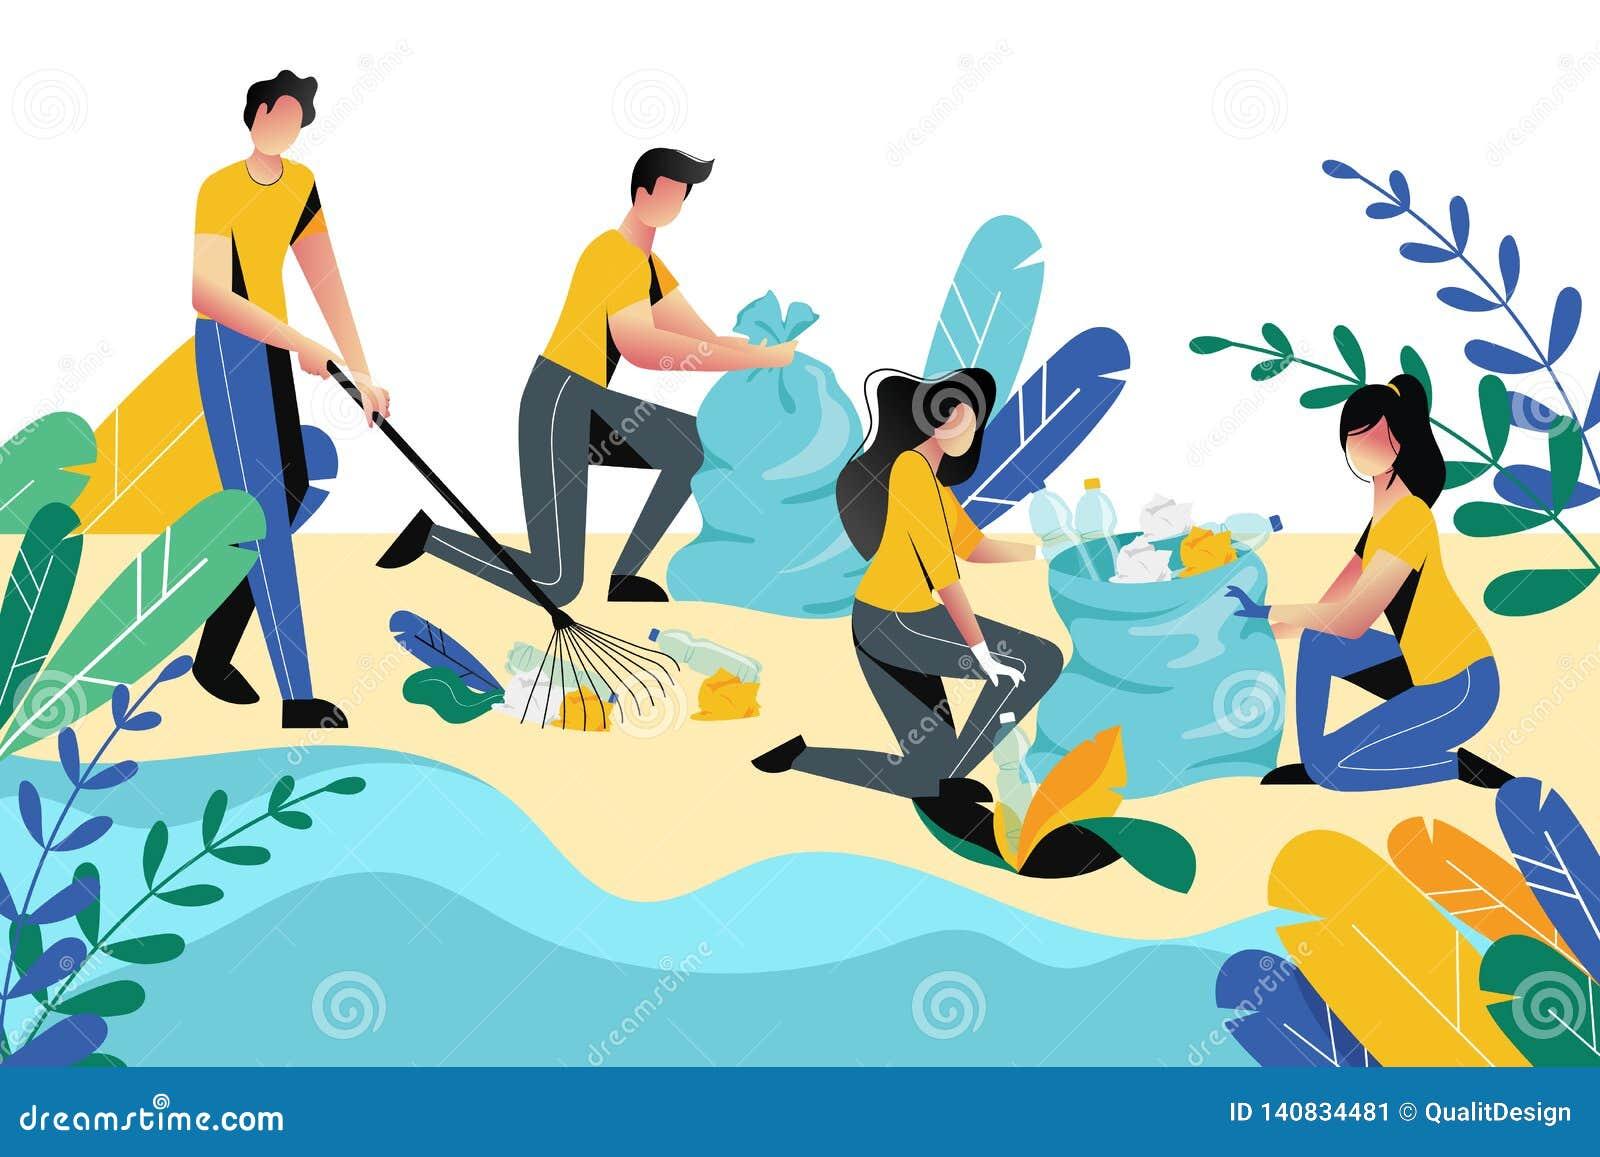 Ofreciéndose voluntariamente, concepto social de la caridad Basura de limpieza de la gente voluntaria en el área o el parque de l